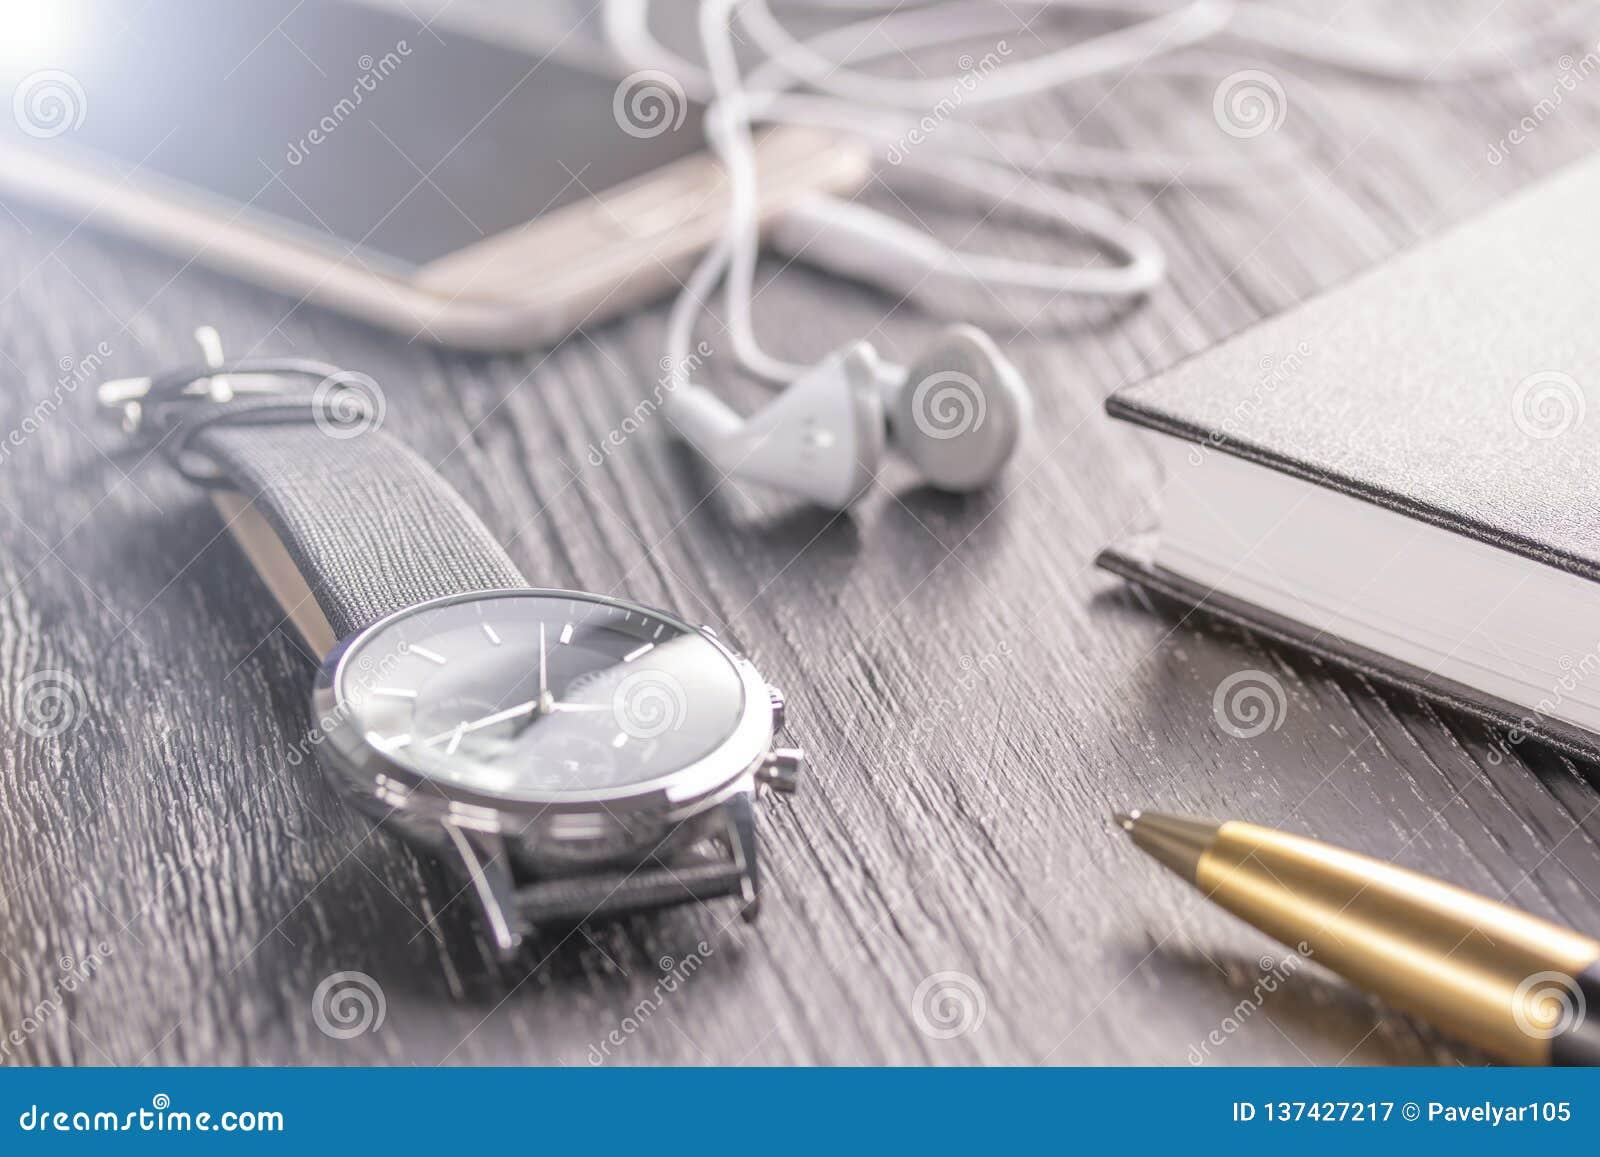 Armbanduhr, Handy mit Kopfhörern und ein Notizblock mit einem Stift auf einem alten dunklen Bürodesktop